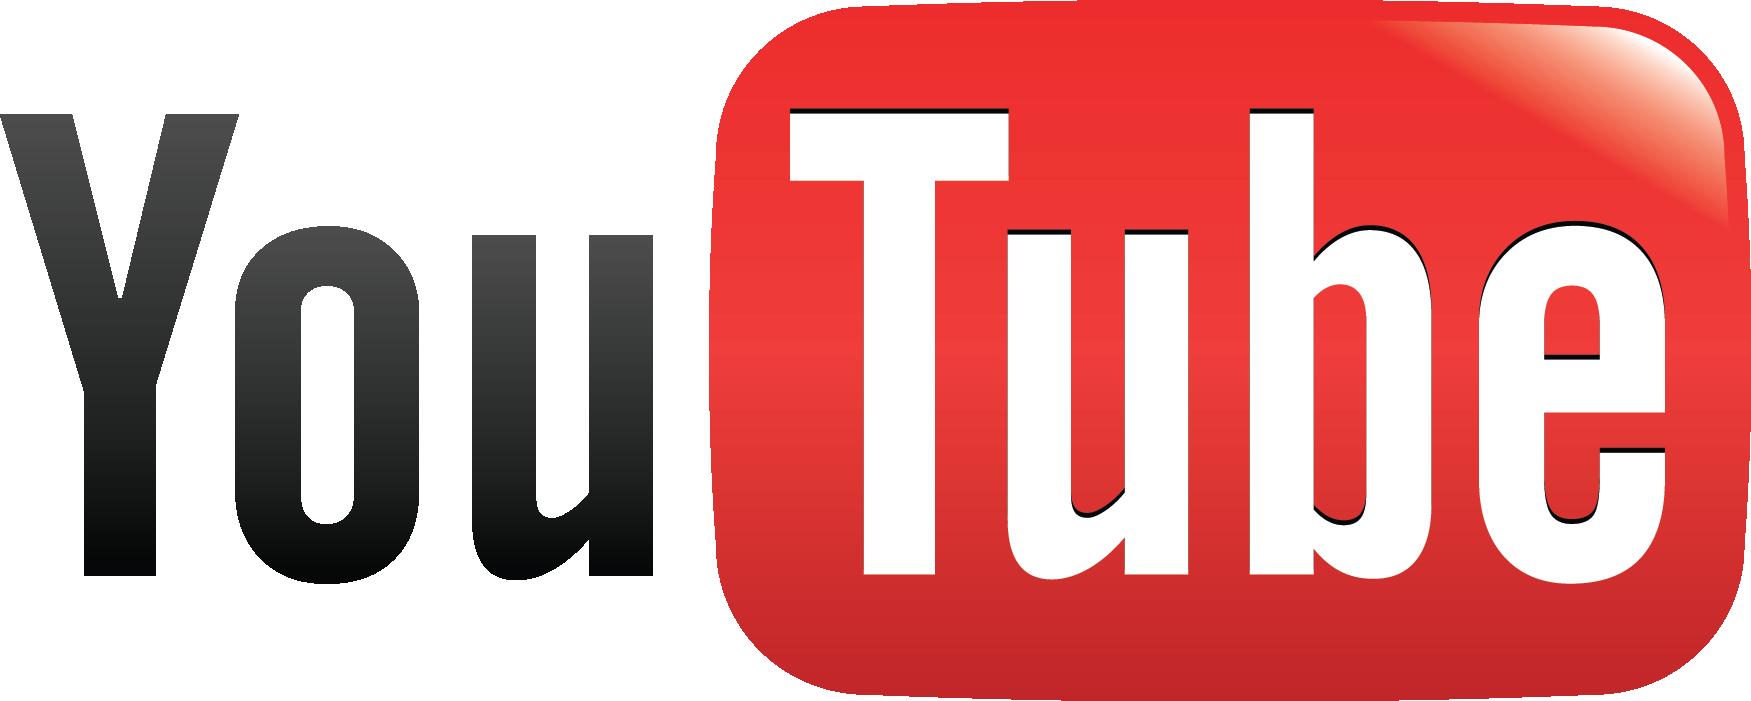 YouTube анонсировал поддержку 48-ми и 60-ти кадров в секунду. - Изображение 1